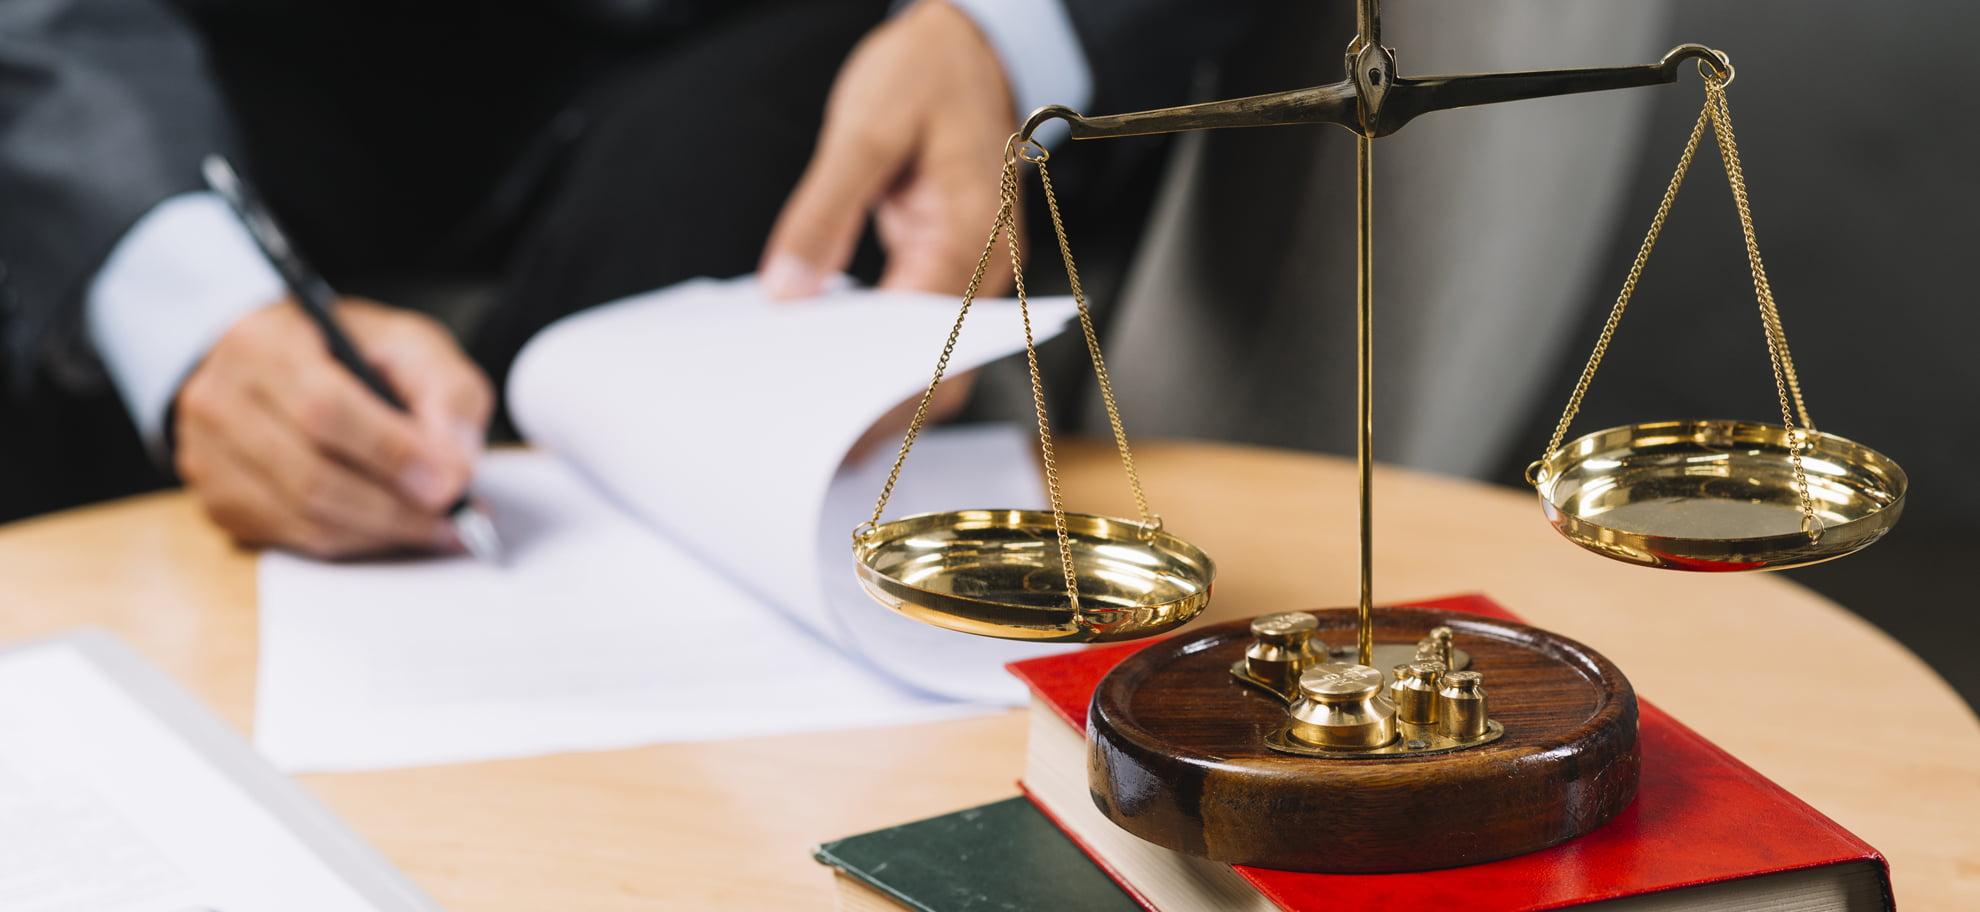 ייצוג בהליכים משפטיים